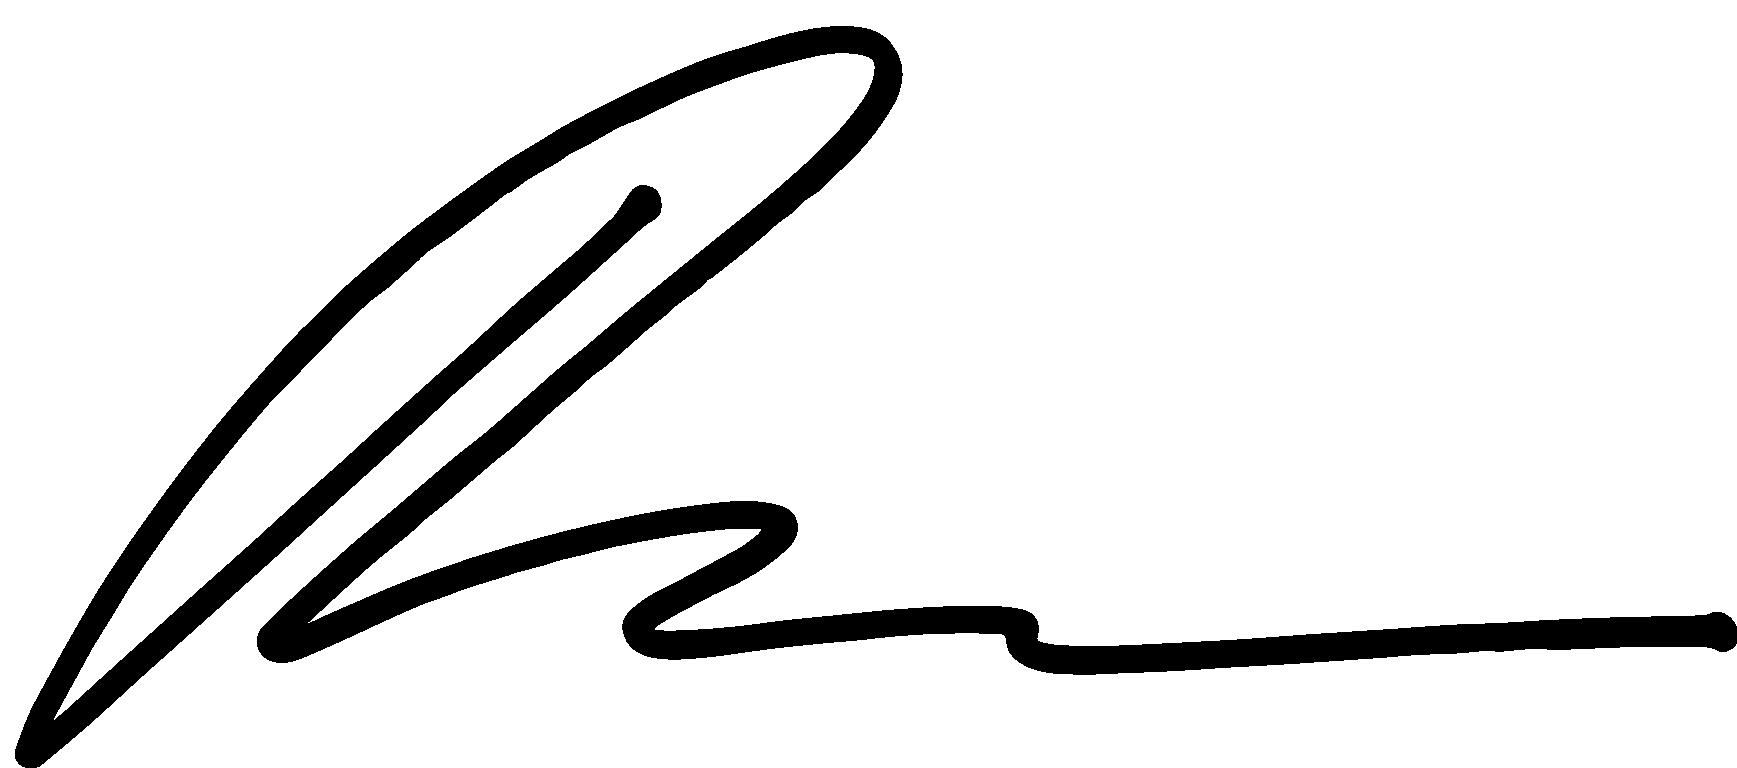 Artheneum